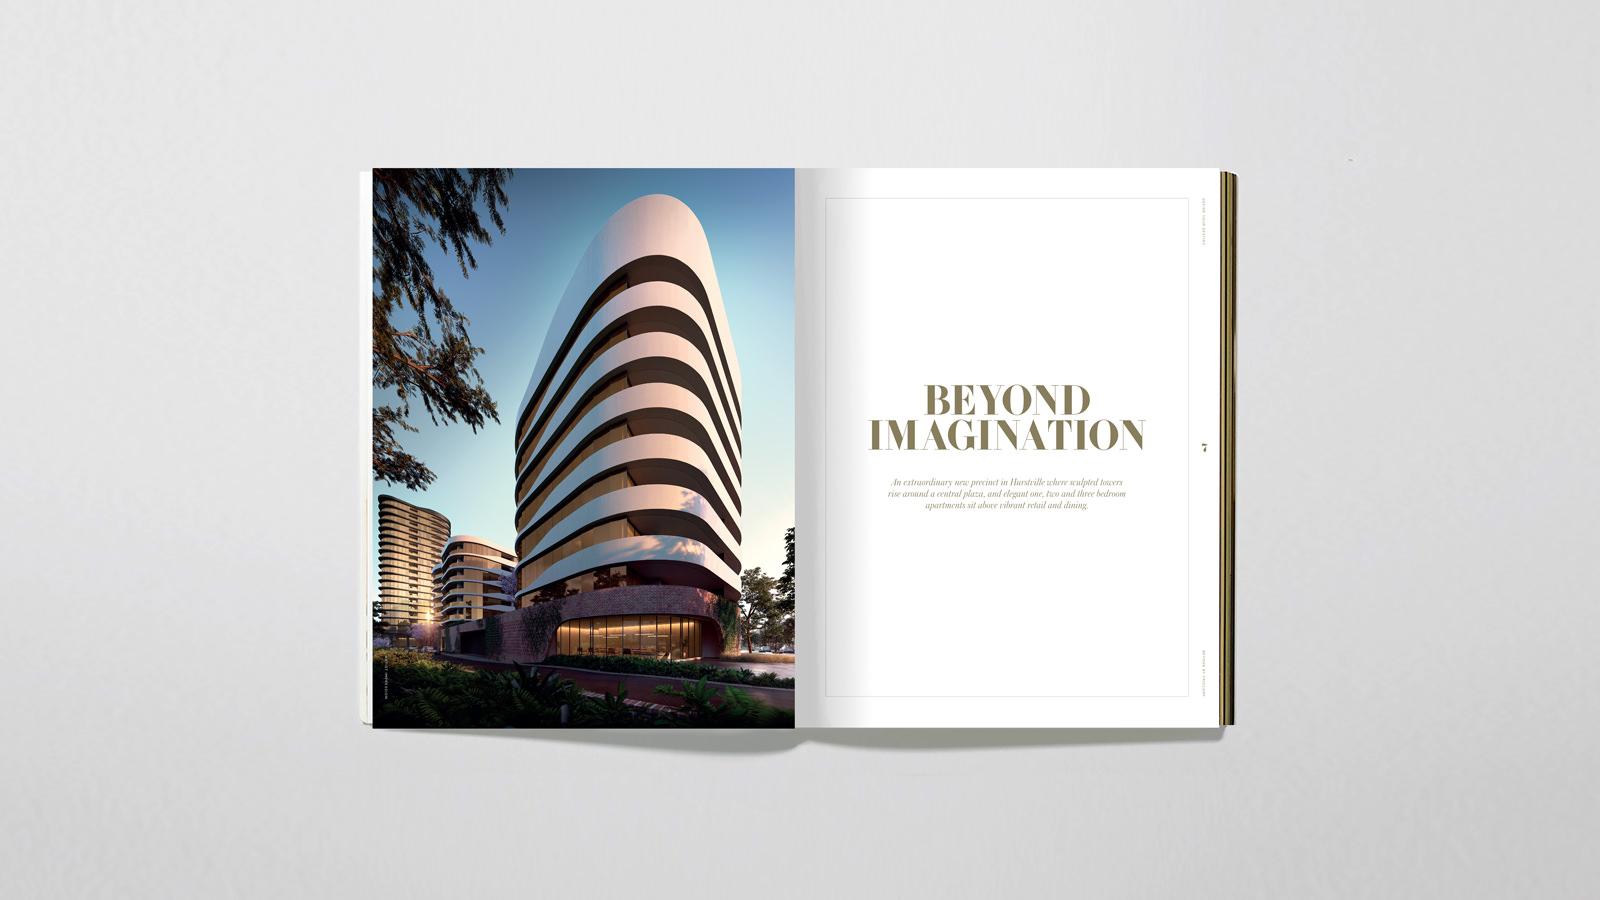 Brand image for Beyond